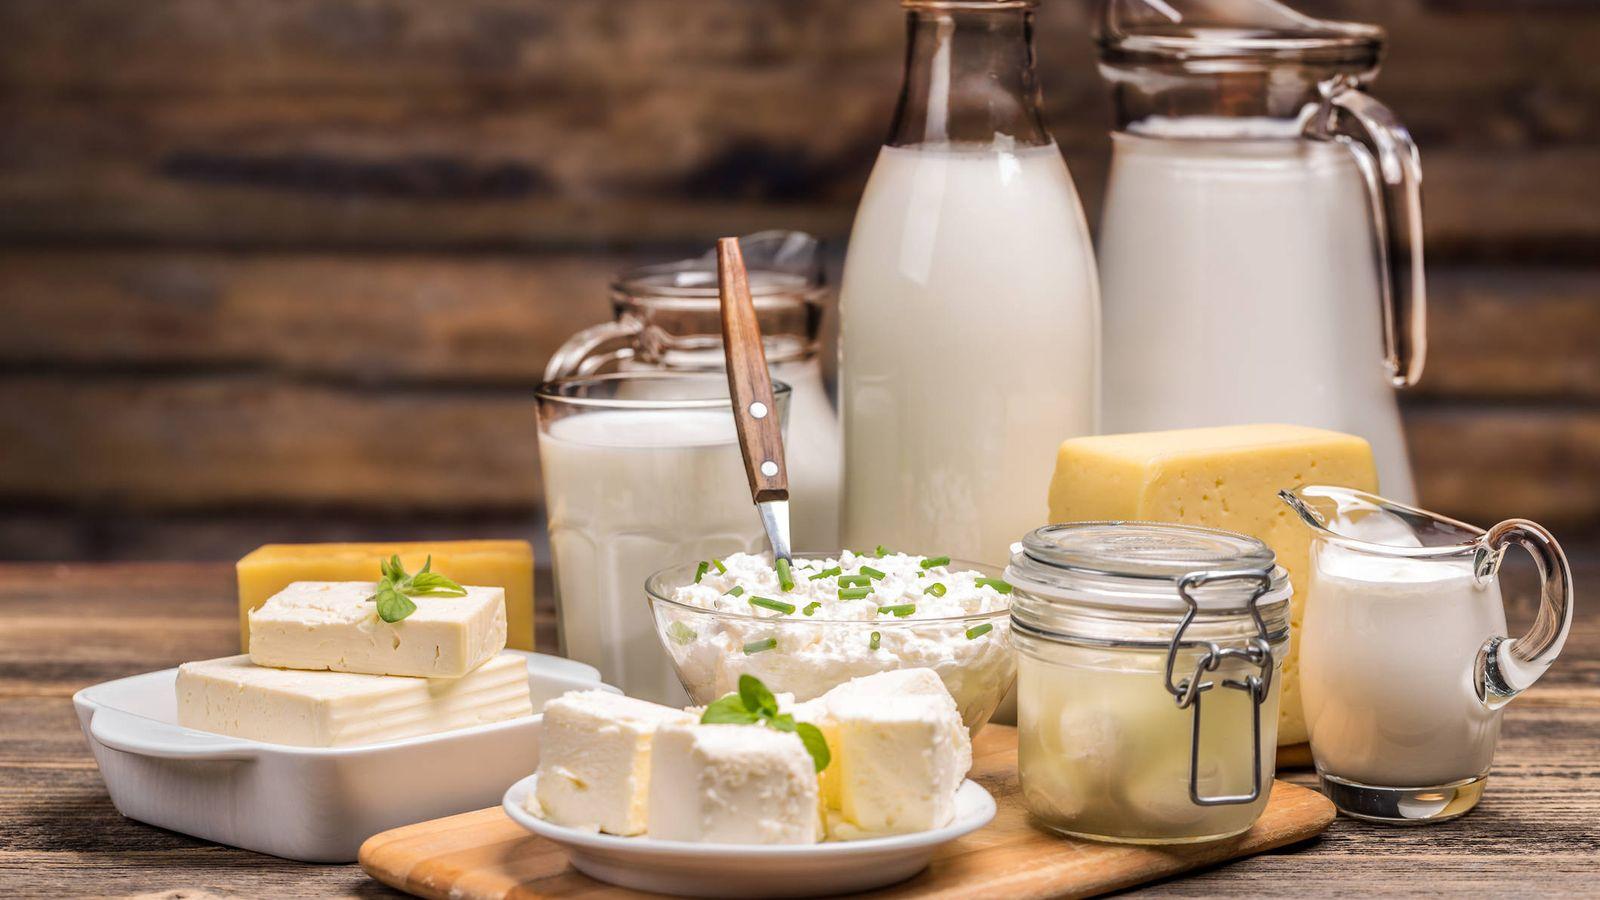 La leche y los productos lácteos causan estreñimiento